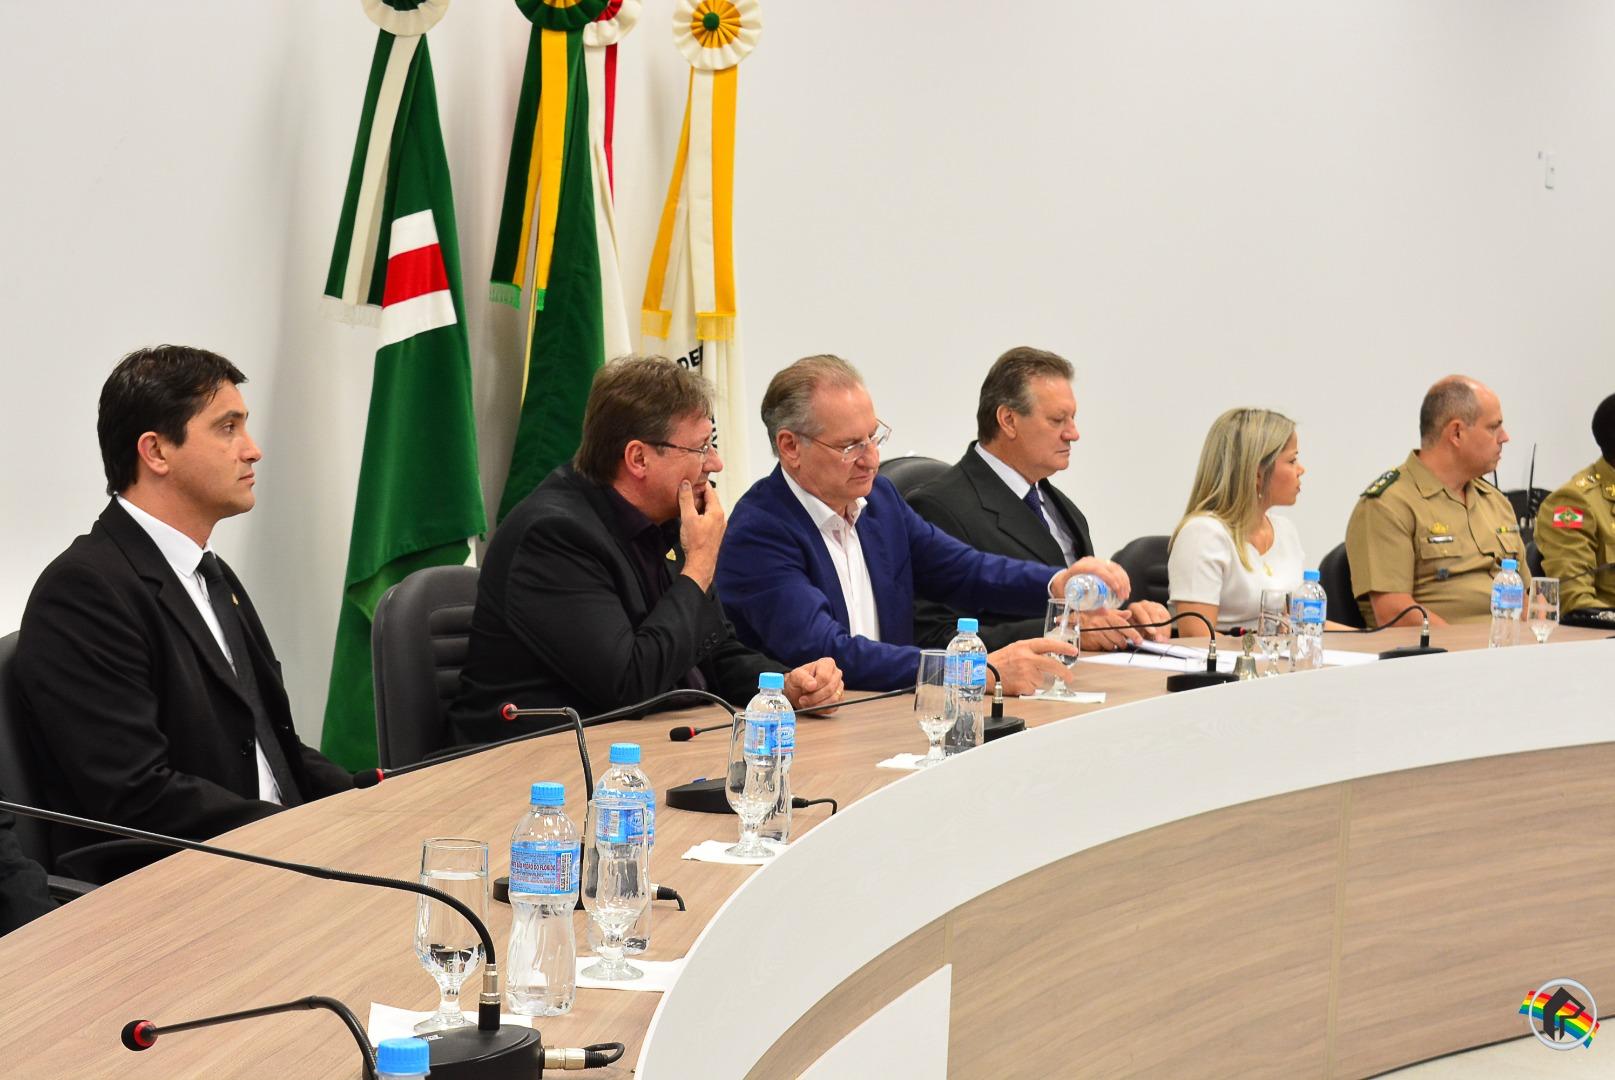 Câmara realiza Sessão Solene em homenagem ao município